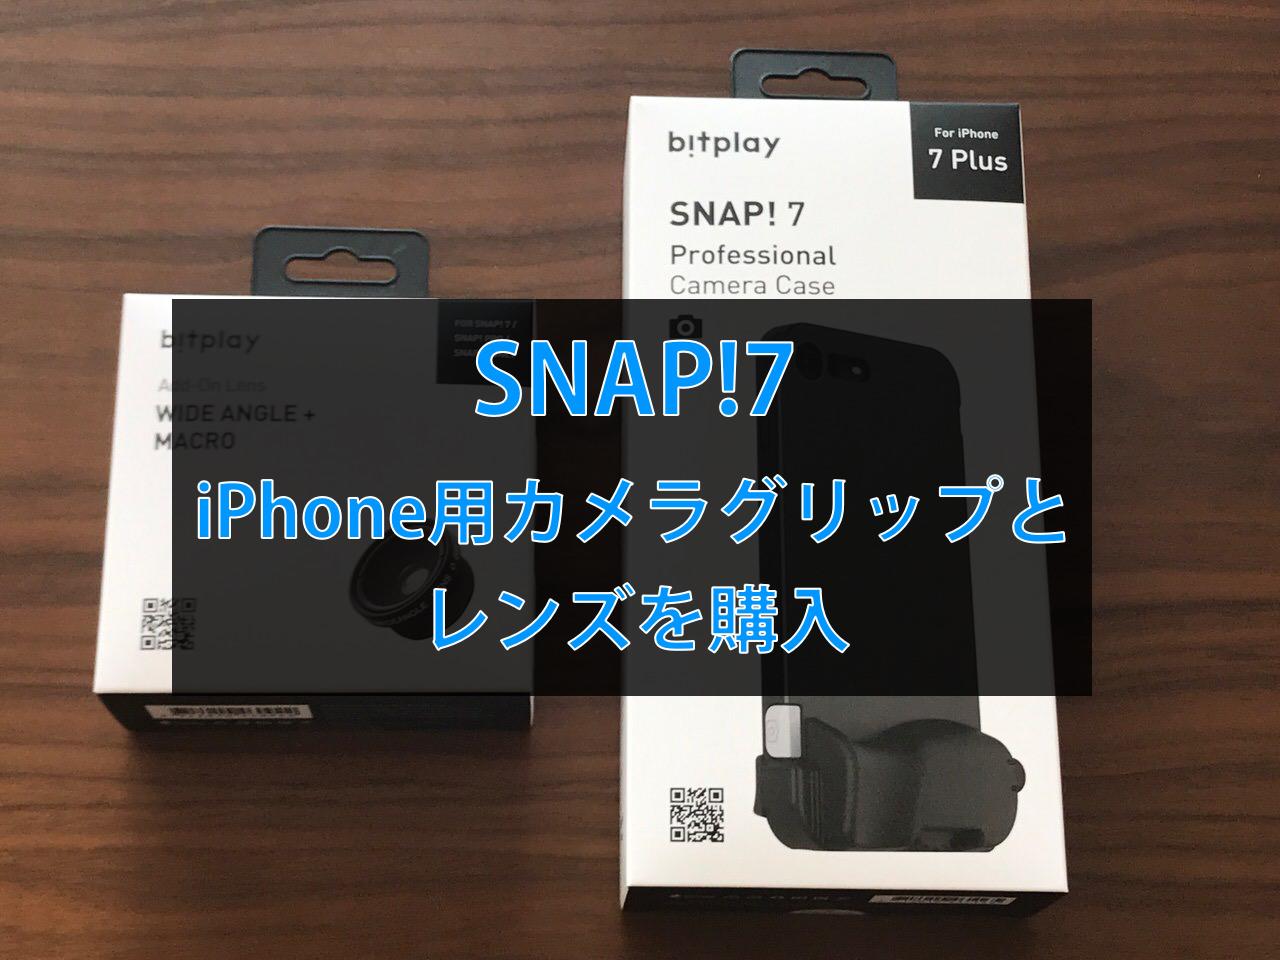 iPhone用カメラグリップ「SNAP! 7」ワイドレンズのセットを購入